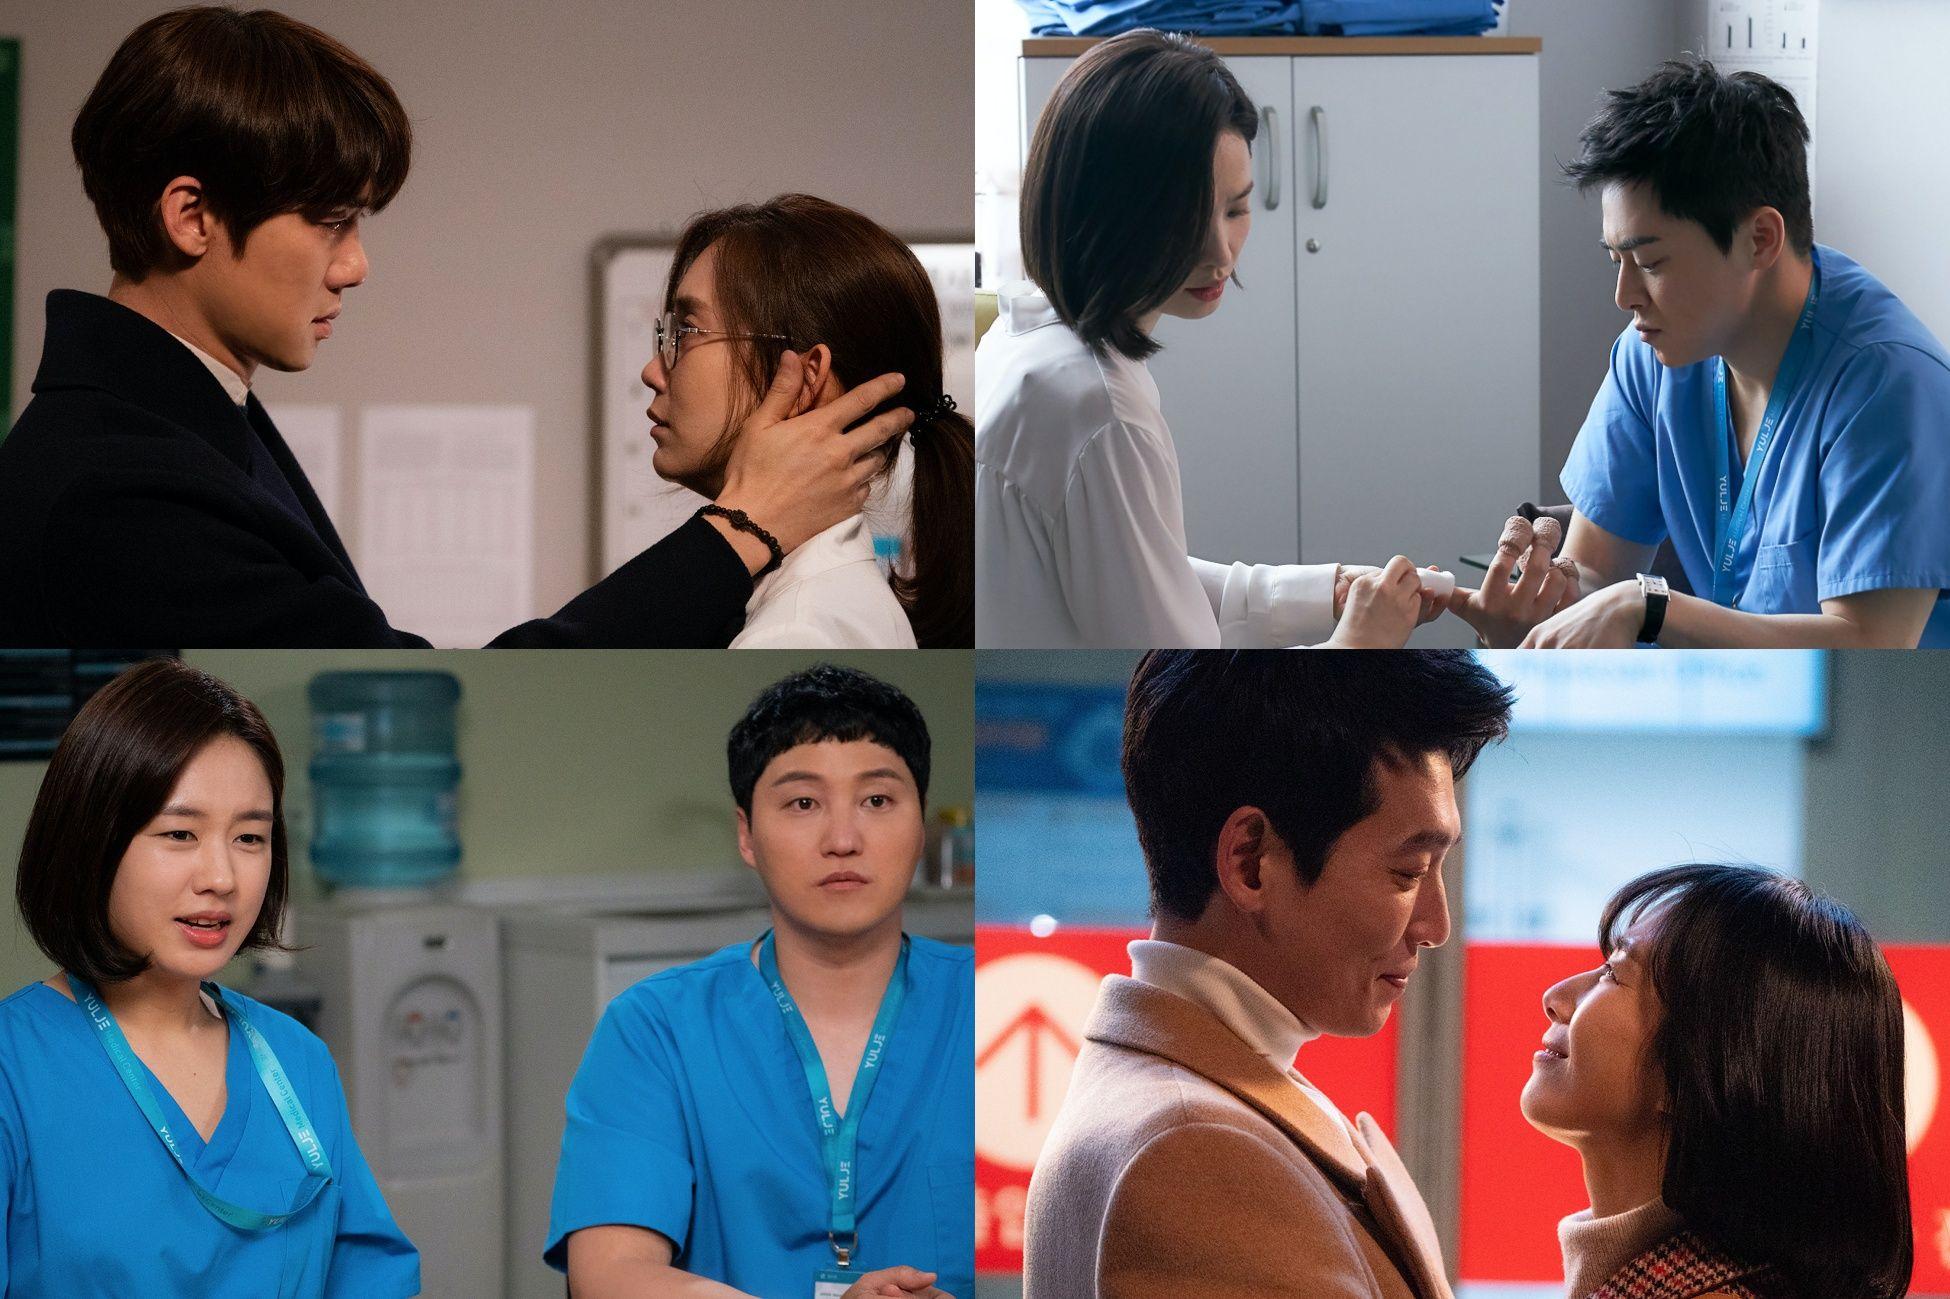 Tayang 17 Juni, Ini 5 Alasan 'Hospital Playlist S2' Layak Ditunggu